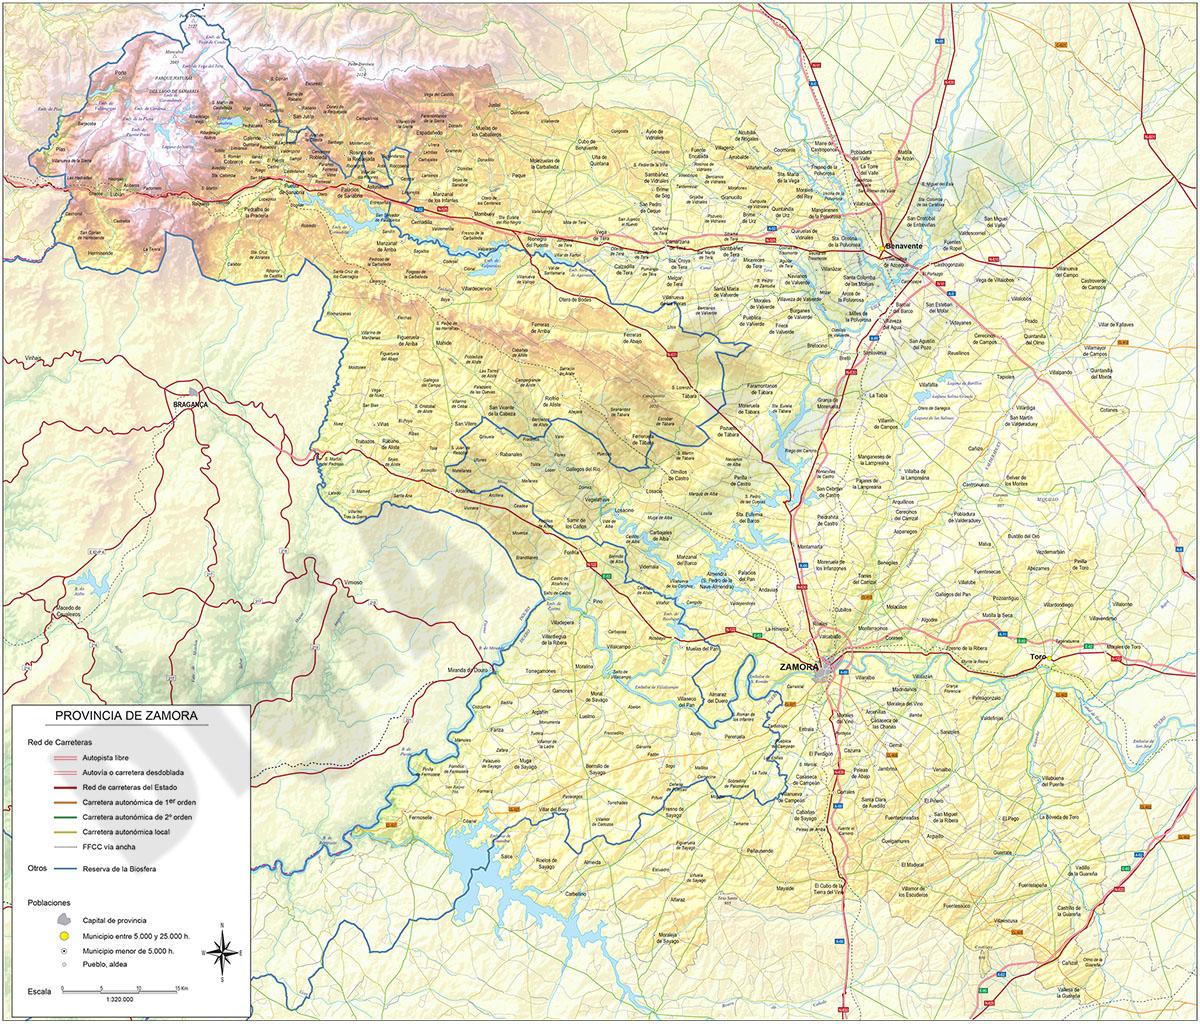 Mapa de la provincia de Zamora